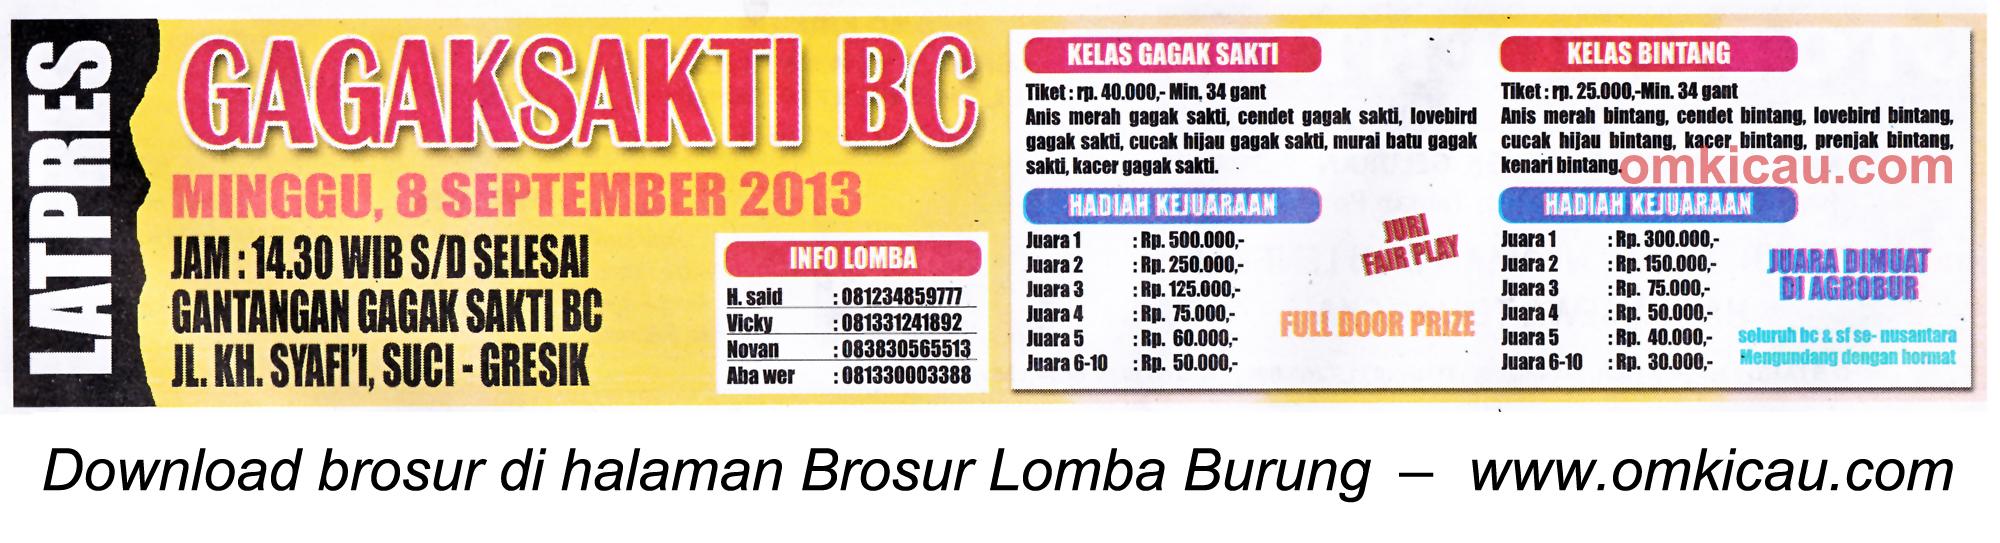 Brosur Latpres Gagak Sakti BC Gresik 8 Sept 2013